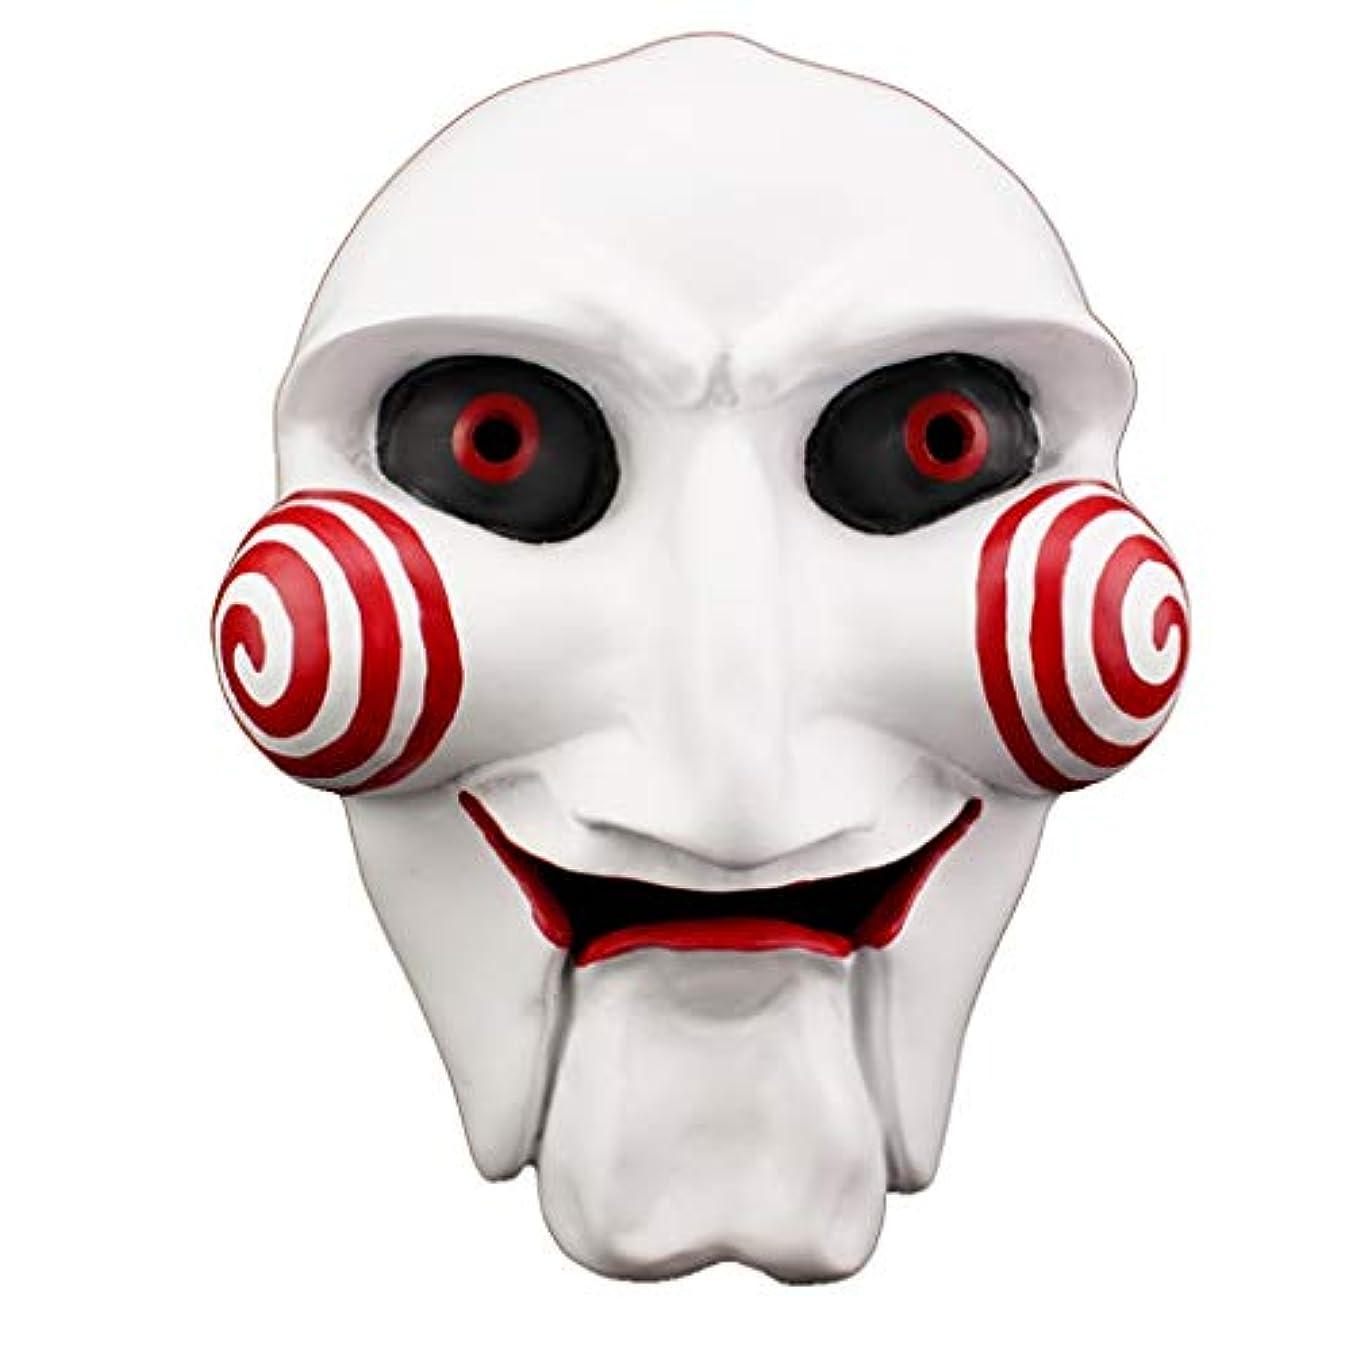 反対に触手でハロウィンホラーマスク、チェーンソークリプトテーママスクマスカレード樹脂マスク(22.5 * 12 cm)